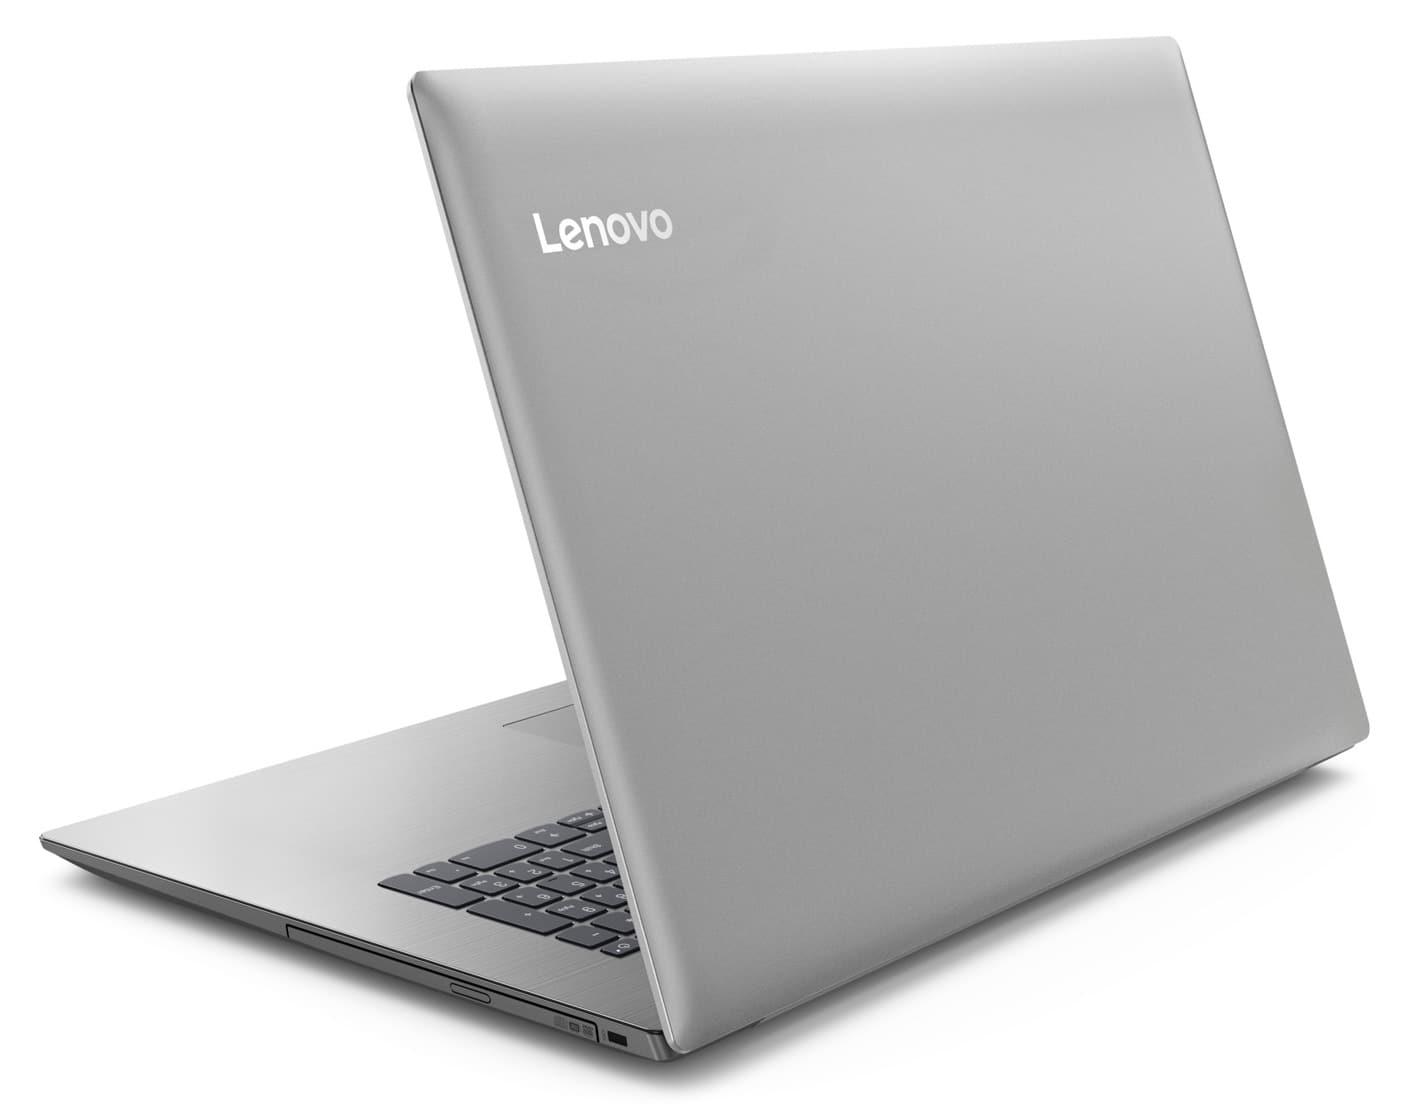 Lenovo 330-17IKBR, 17 pouces réactif pas cher (479€)